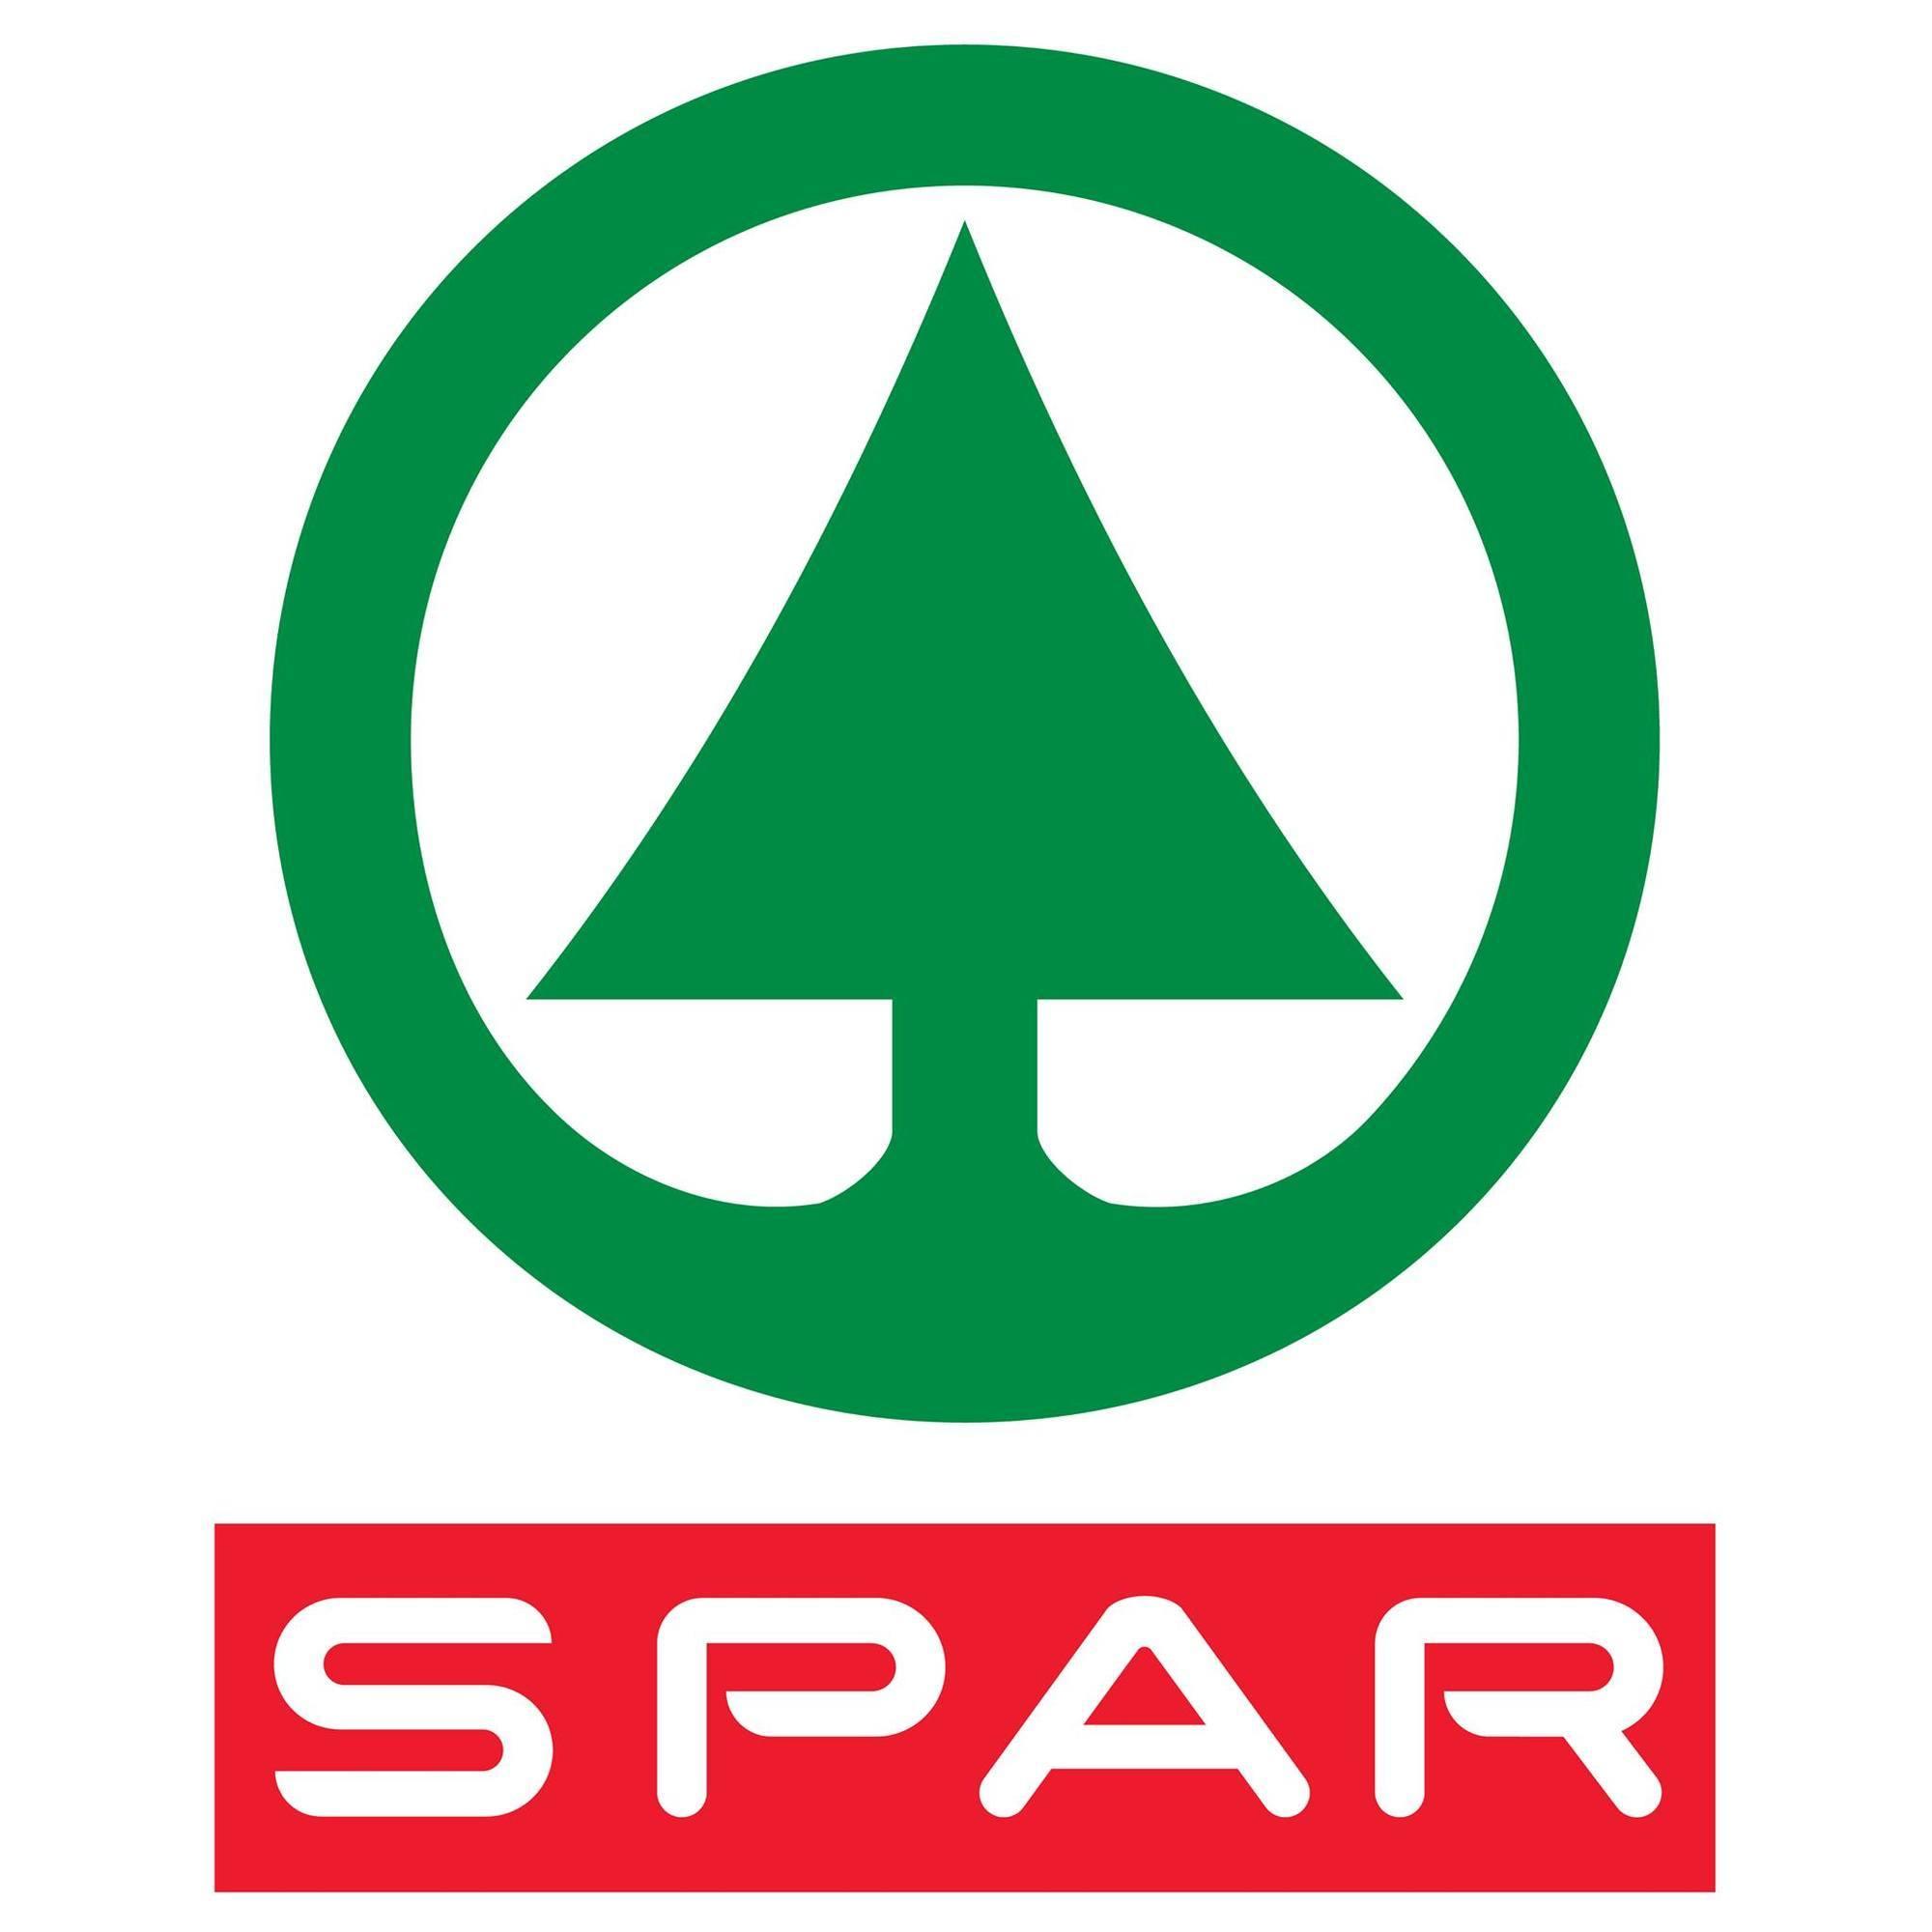 Αποτέλεσμα εικόνας για spar